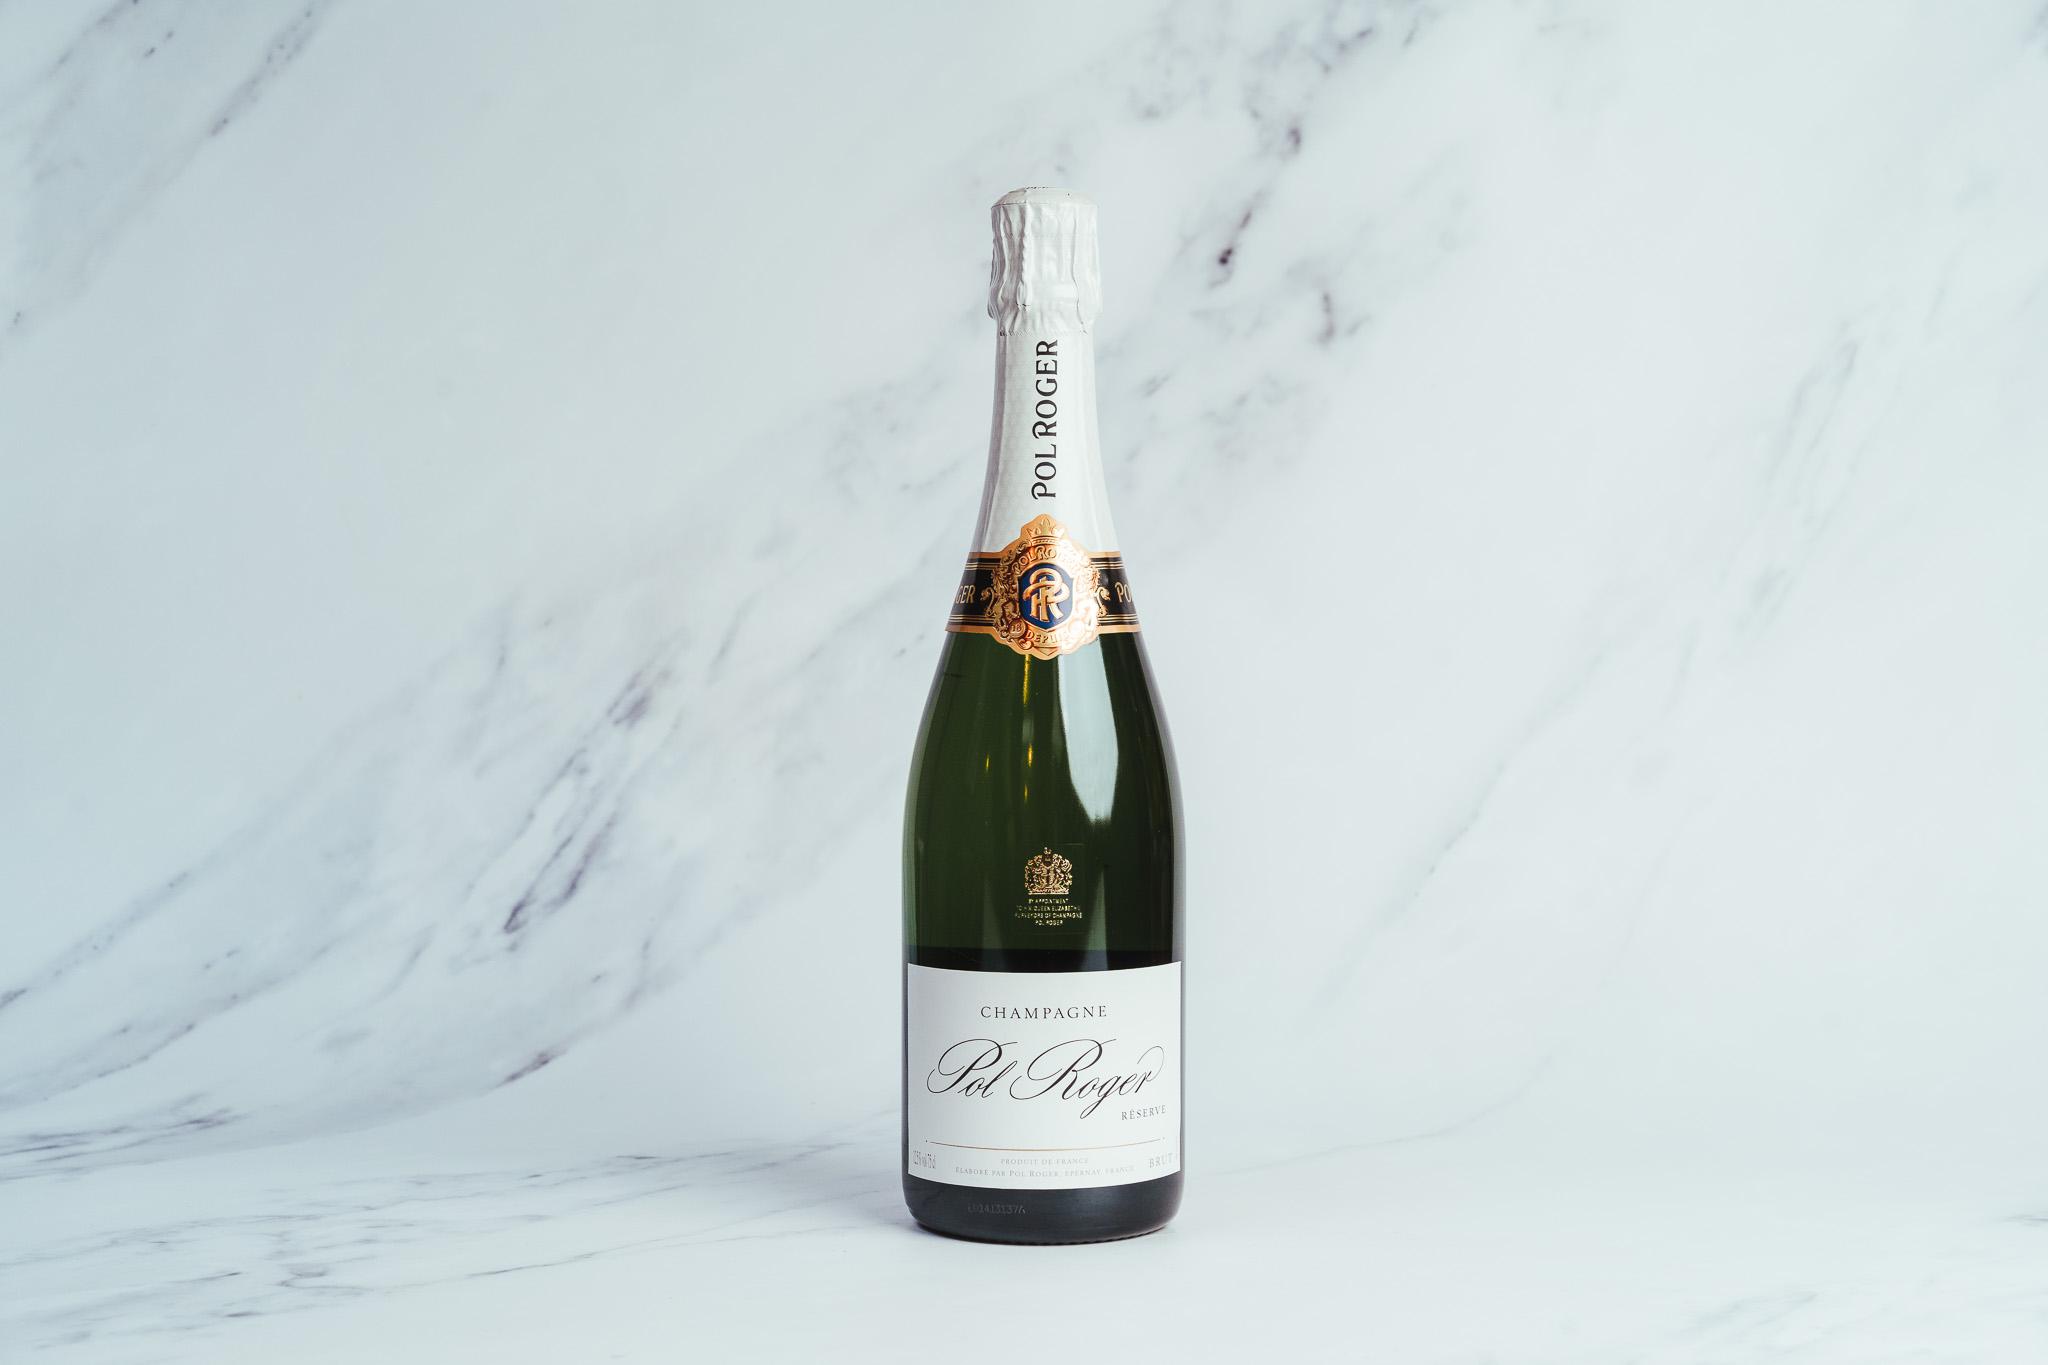 Champagne, Pol Roger Brut Reserve, NV